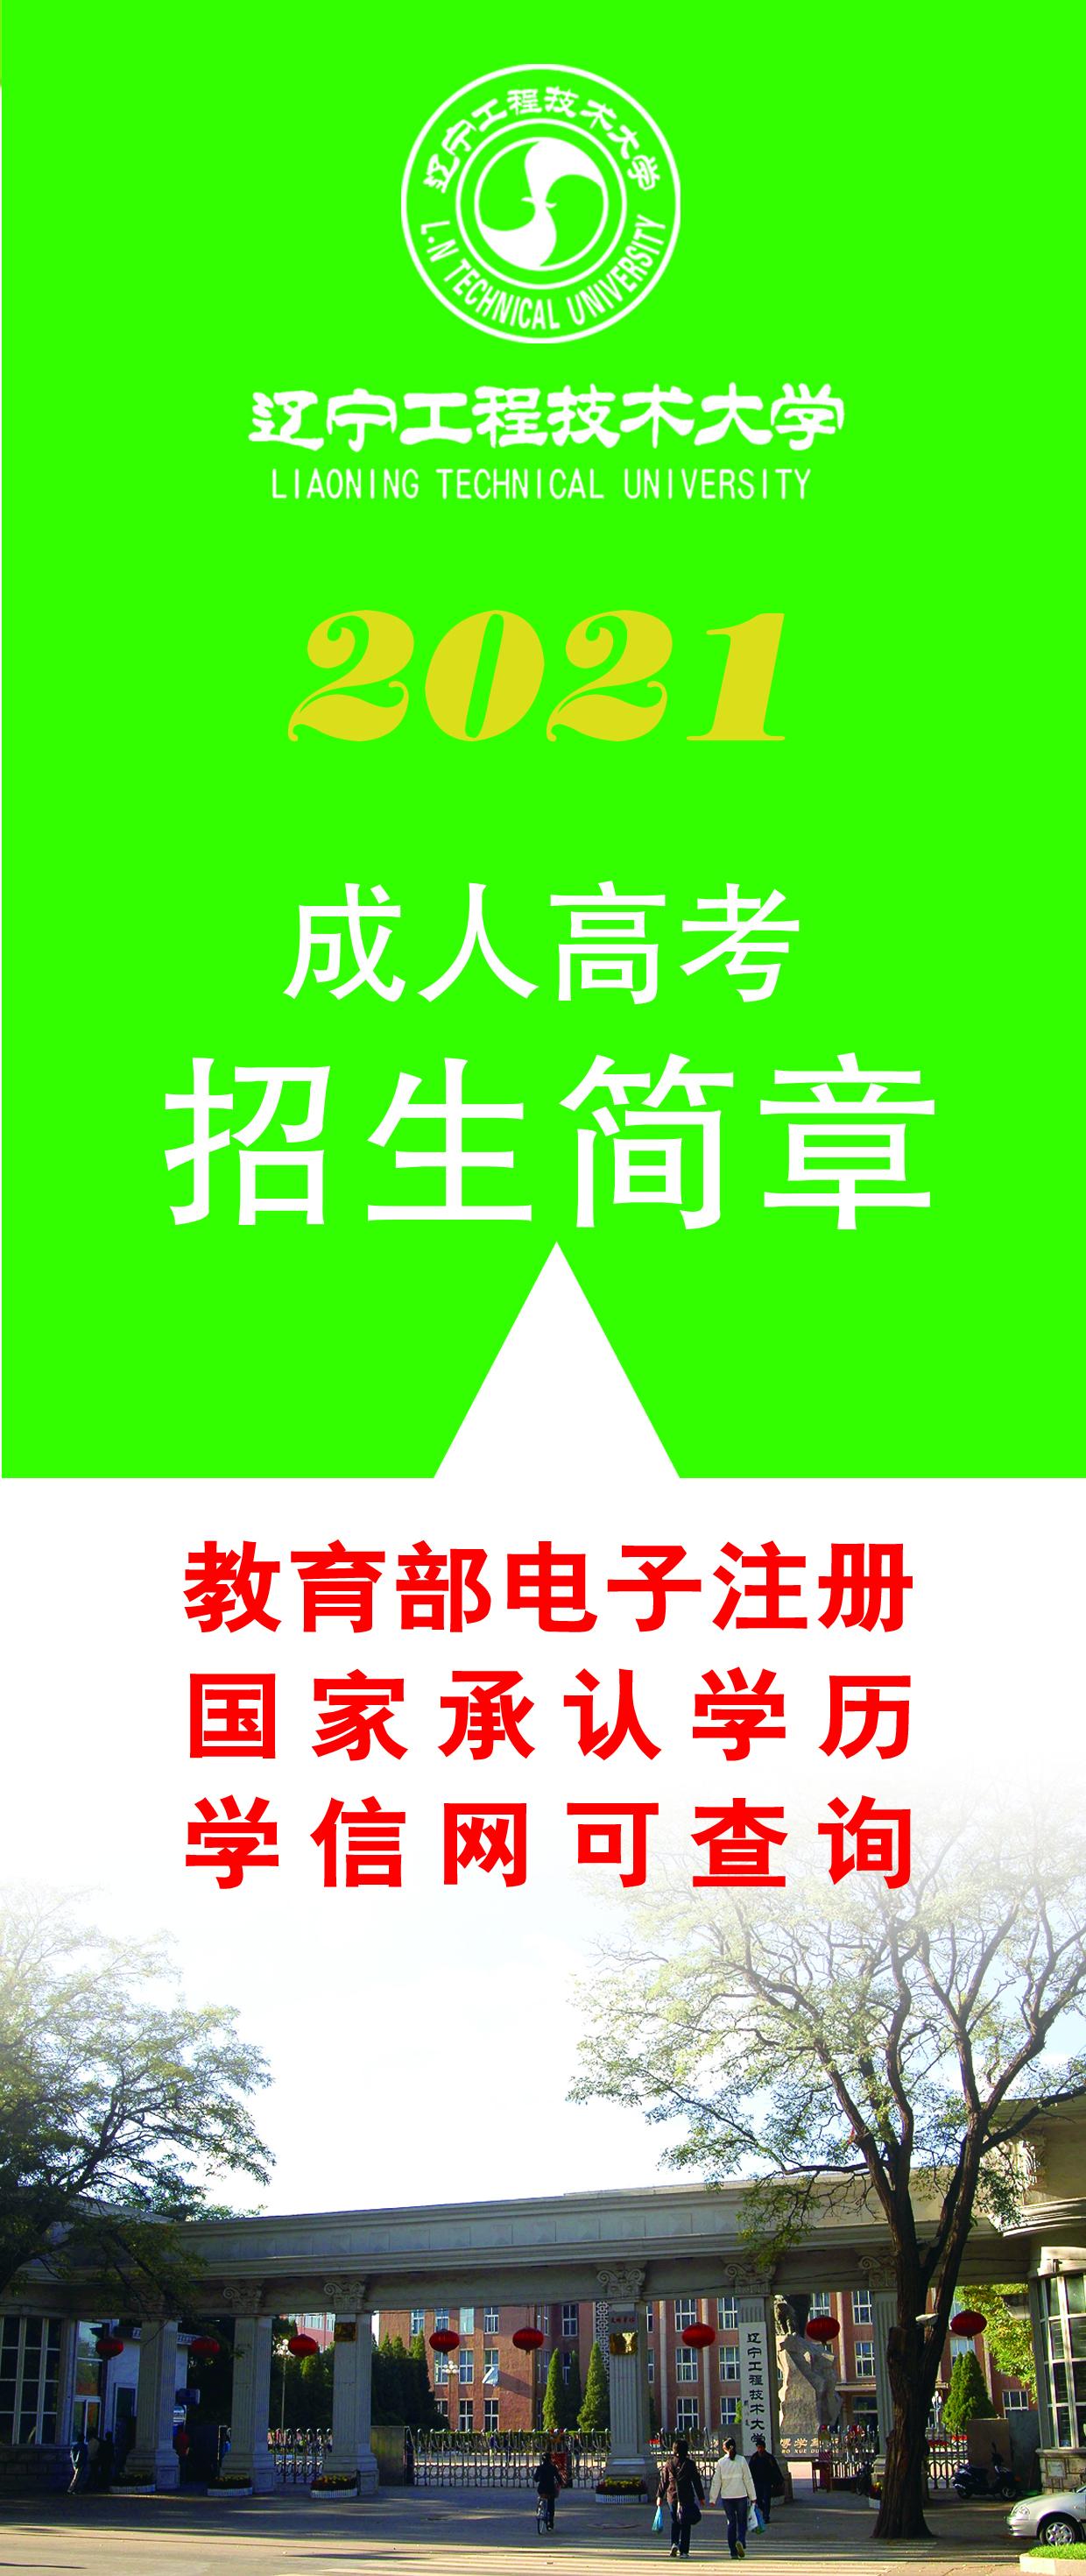 2021年辽宁工程技术大学成人高考招生简章